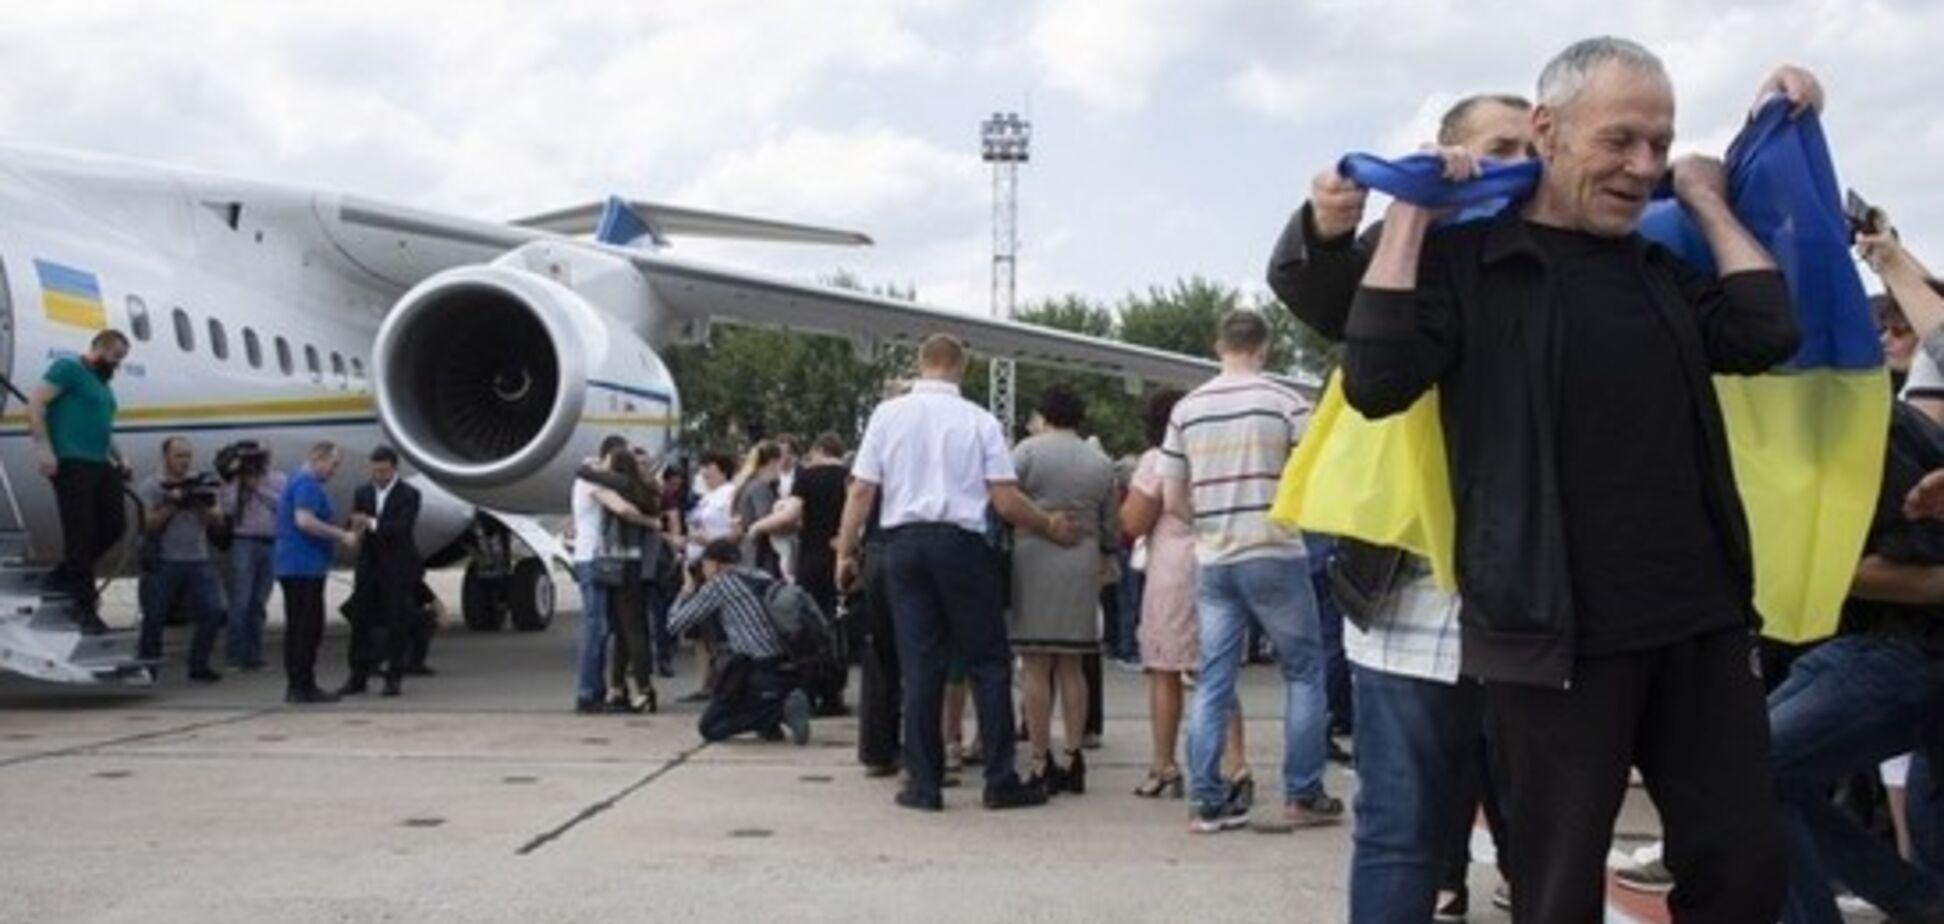 ТКГ в Минске договорилась об обмене пленными и разведении сил на Донбассе